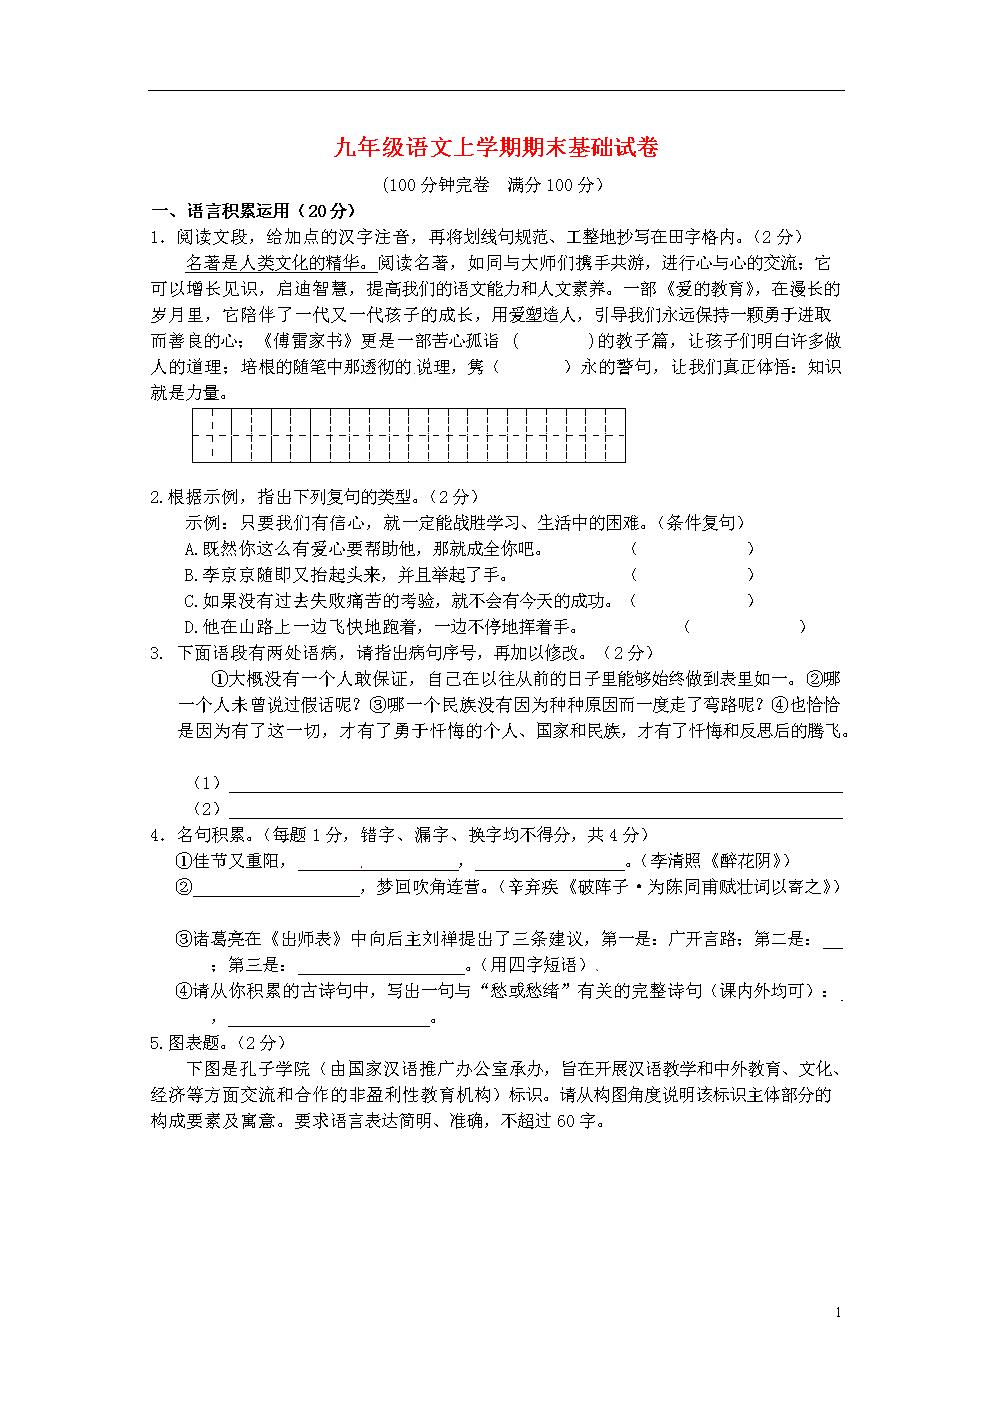 九年级的语文上学期期末测试题(2) 新人教版.doc